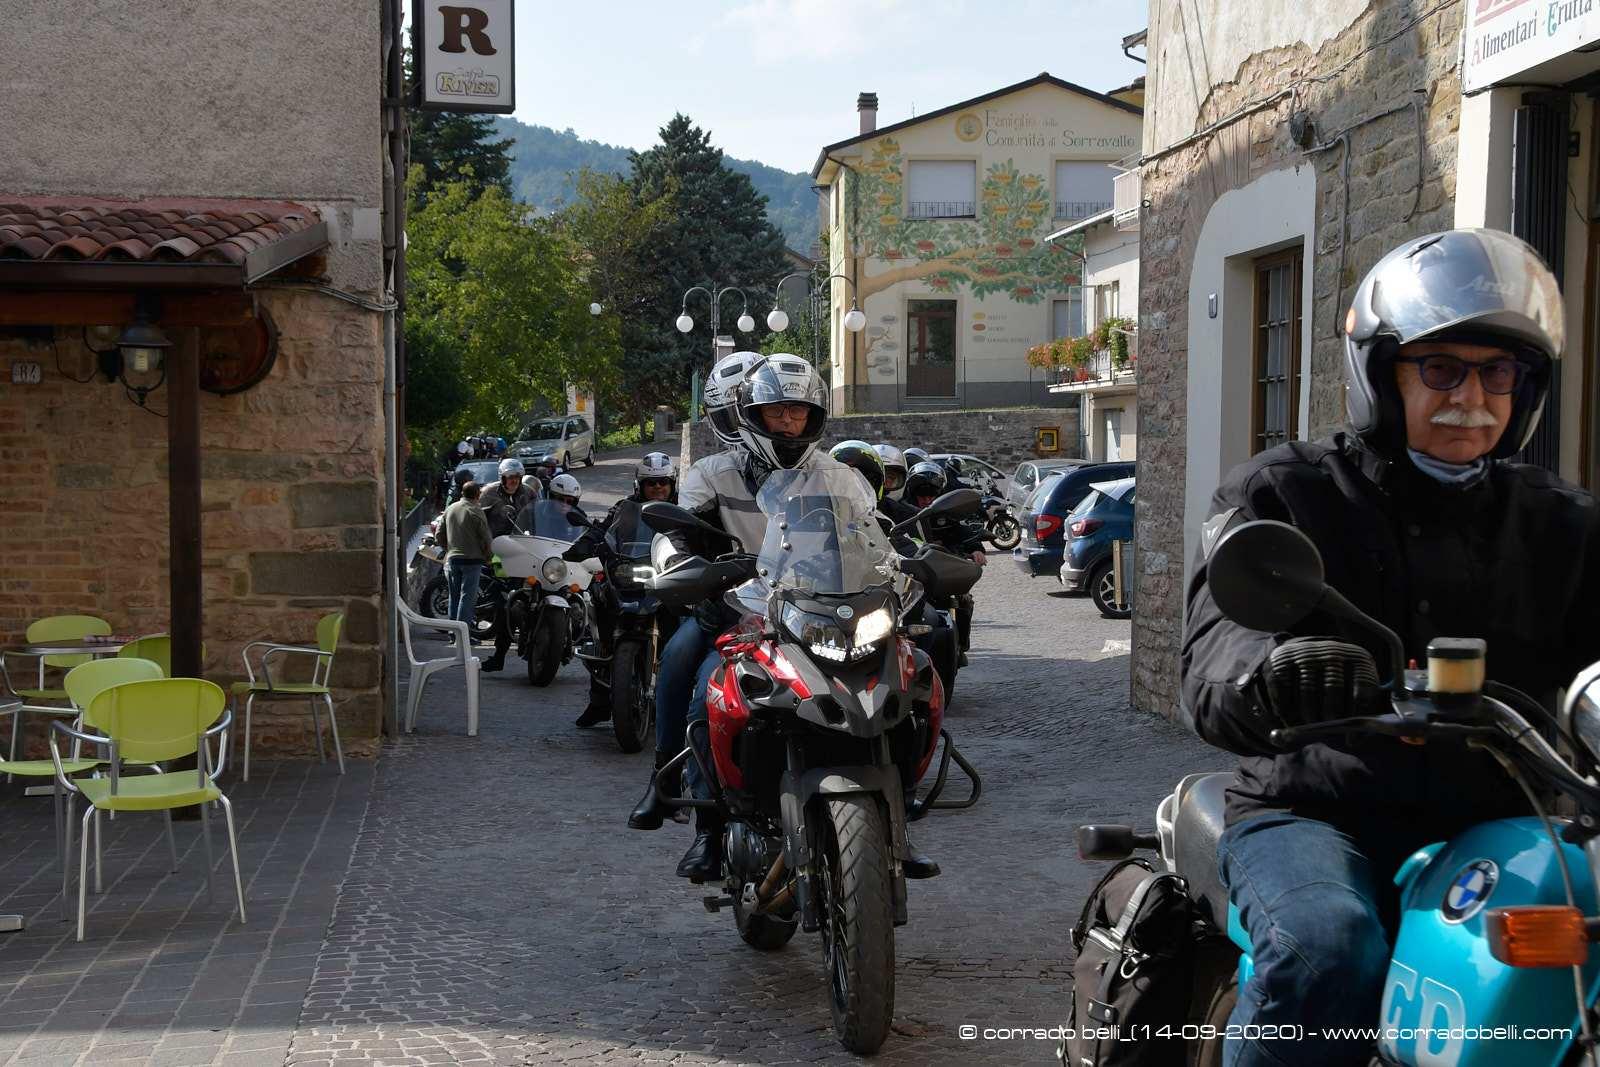 0205_-Benelli-Week-14-09-20